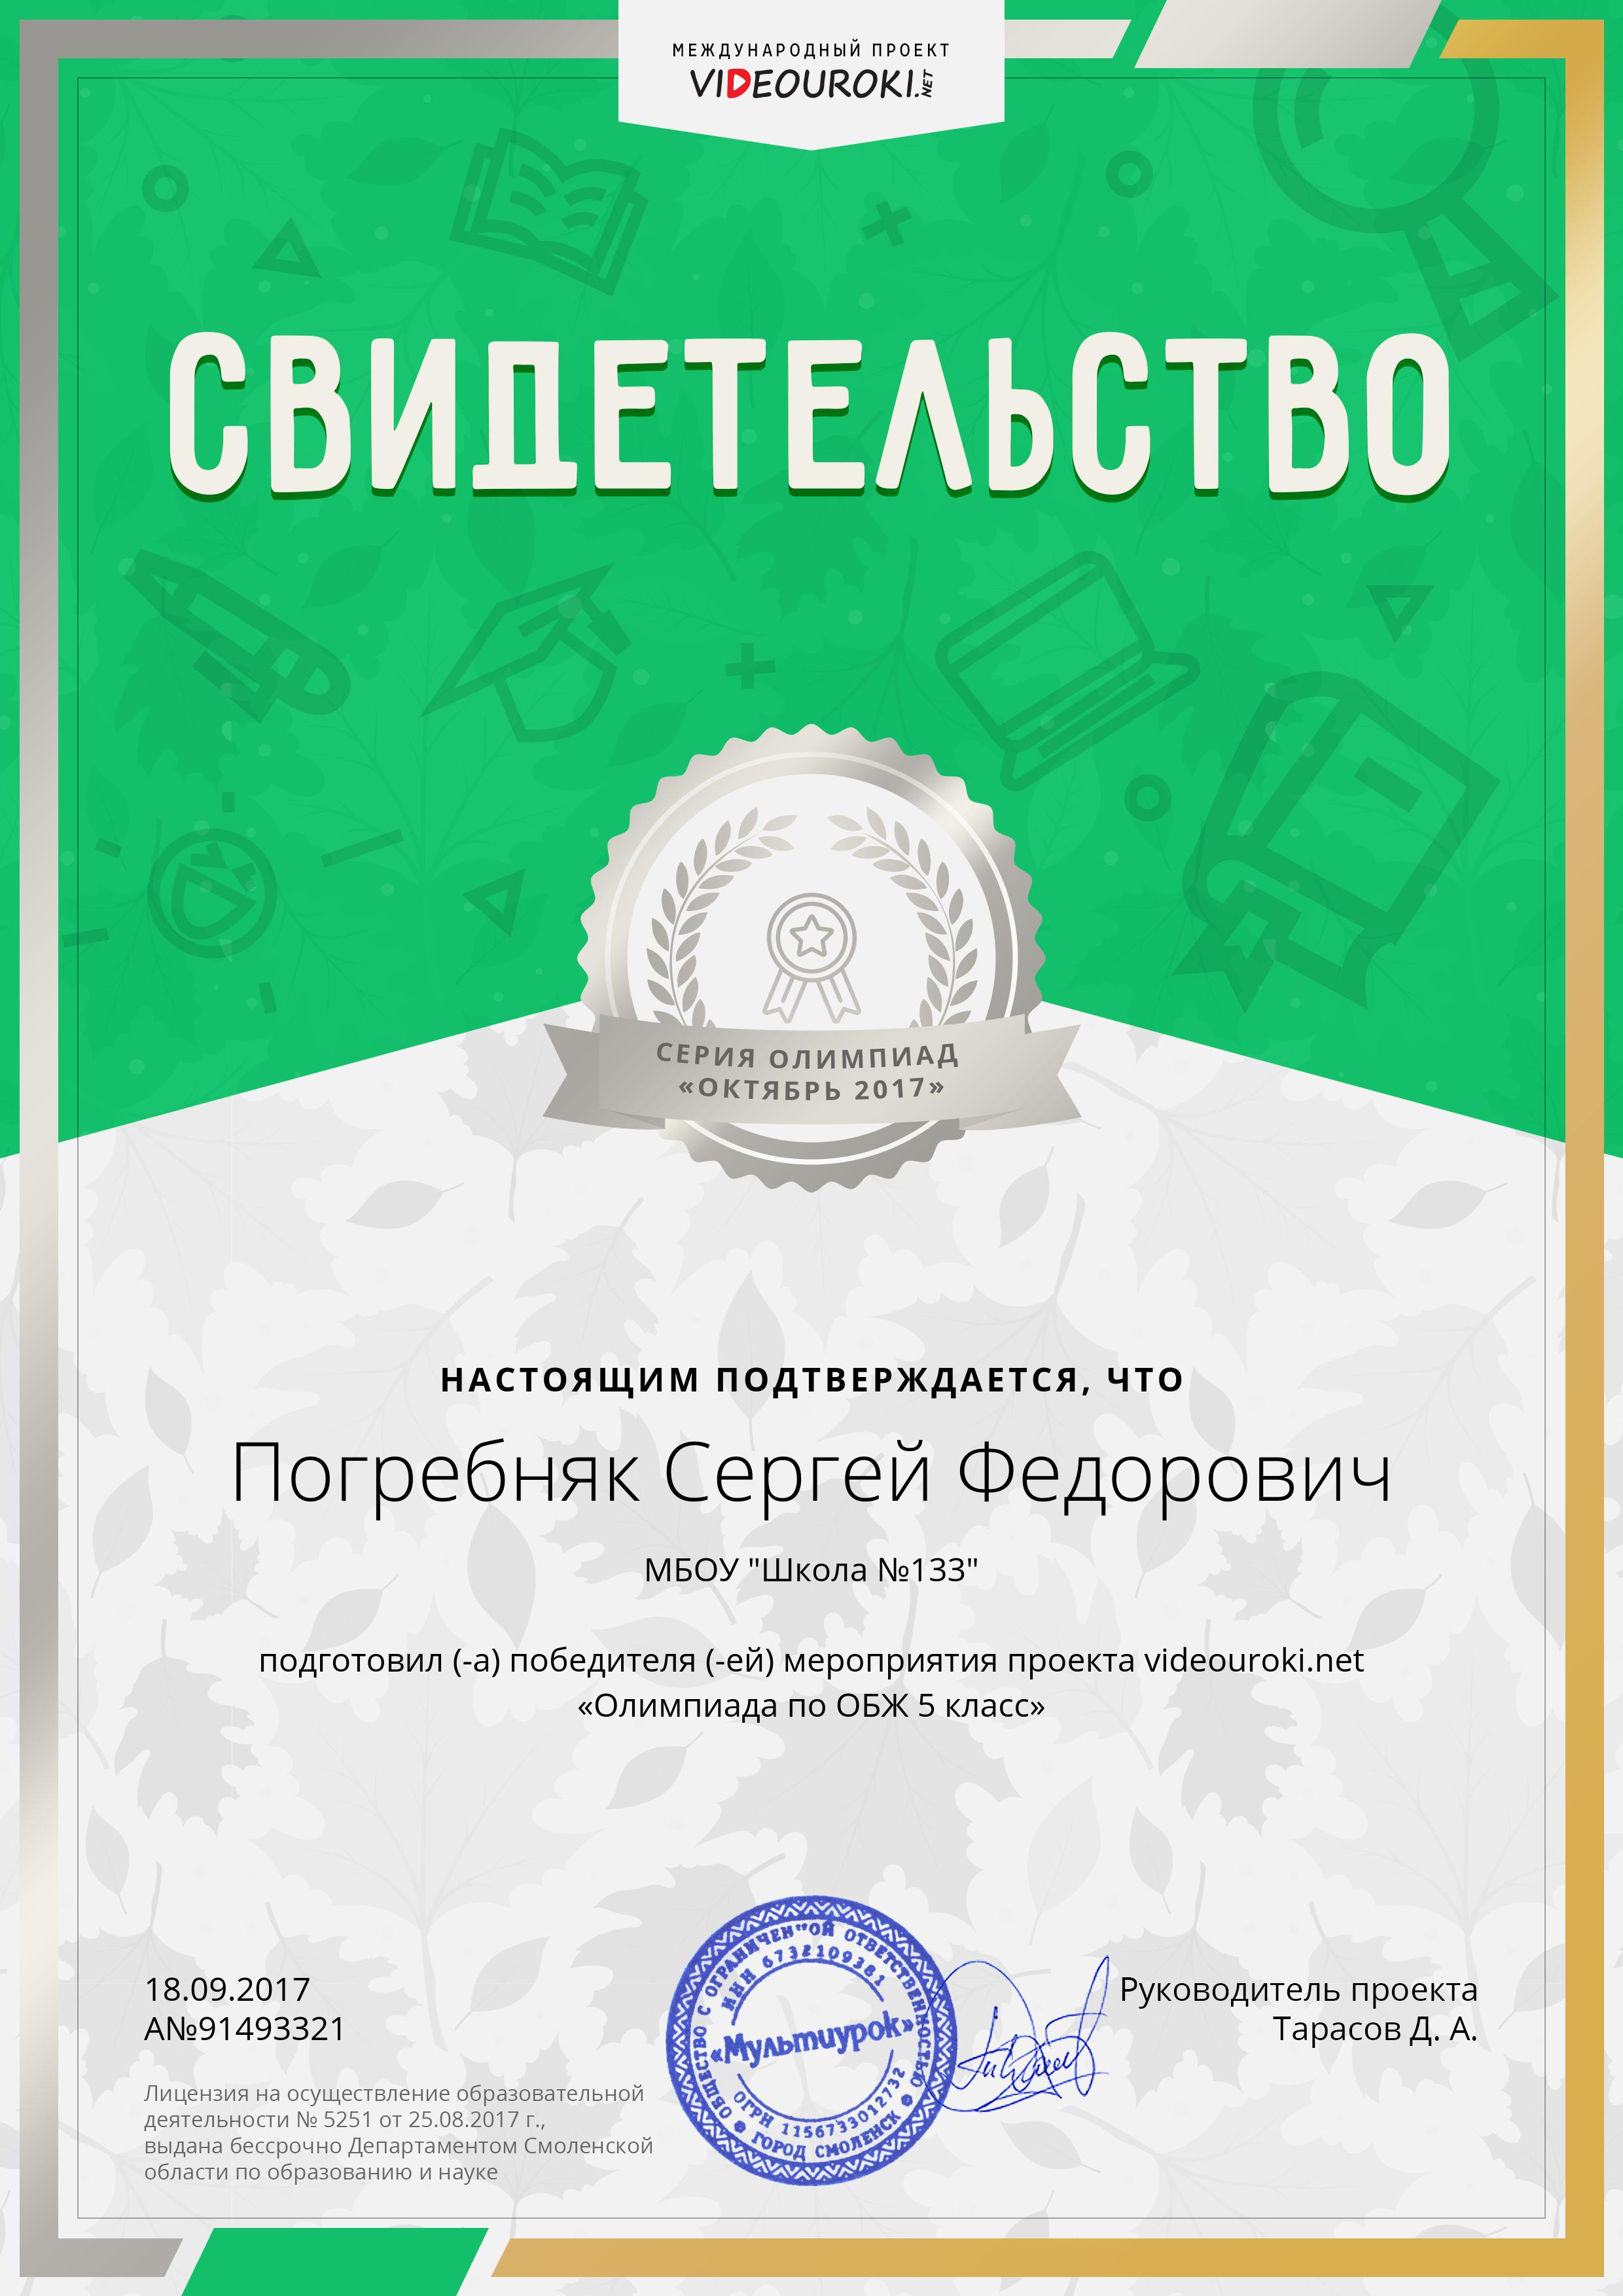 91493321. Погребняк Сергей Федорович - свидетельство о подготовке победителя (1).png